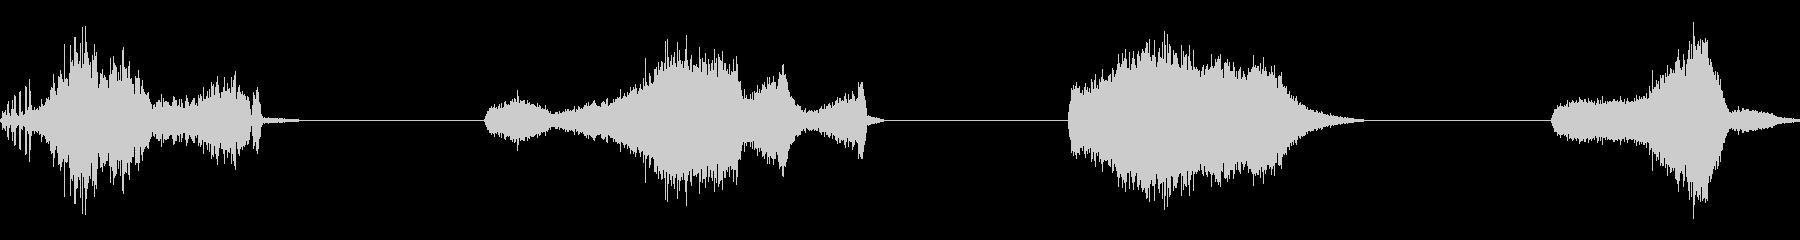 ゴーストブリージング、ホラー、4テ...の未再生の波形